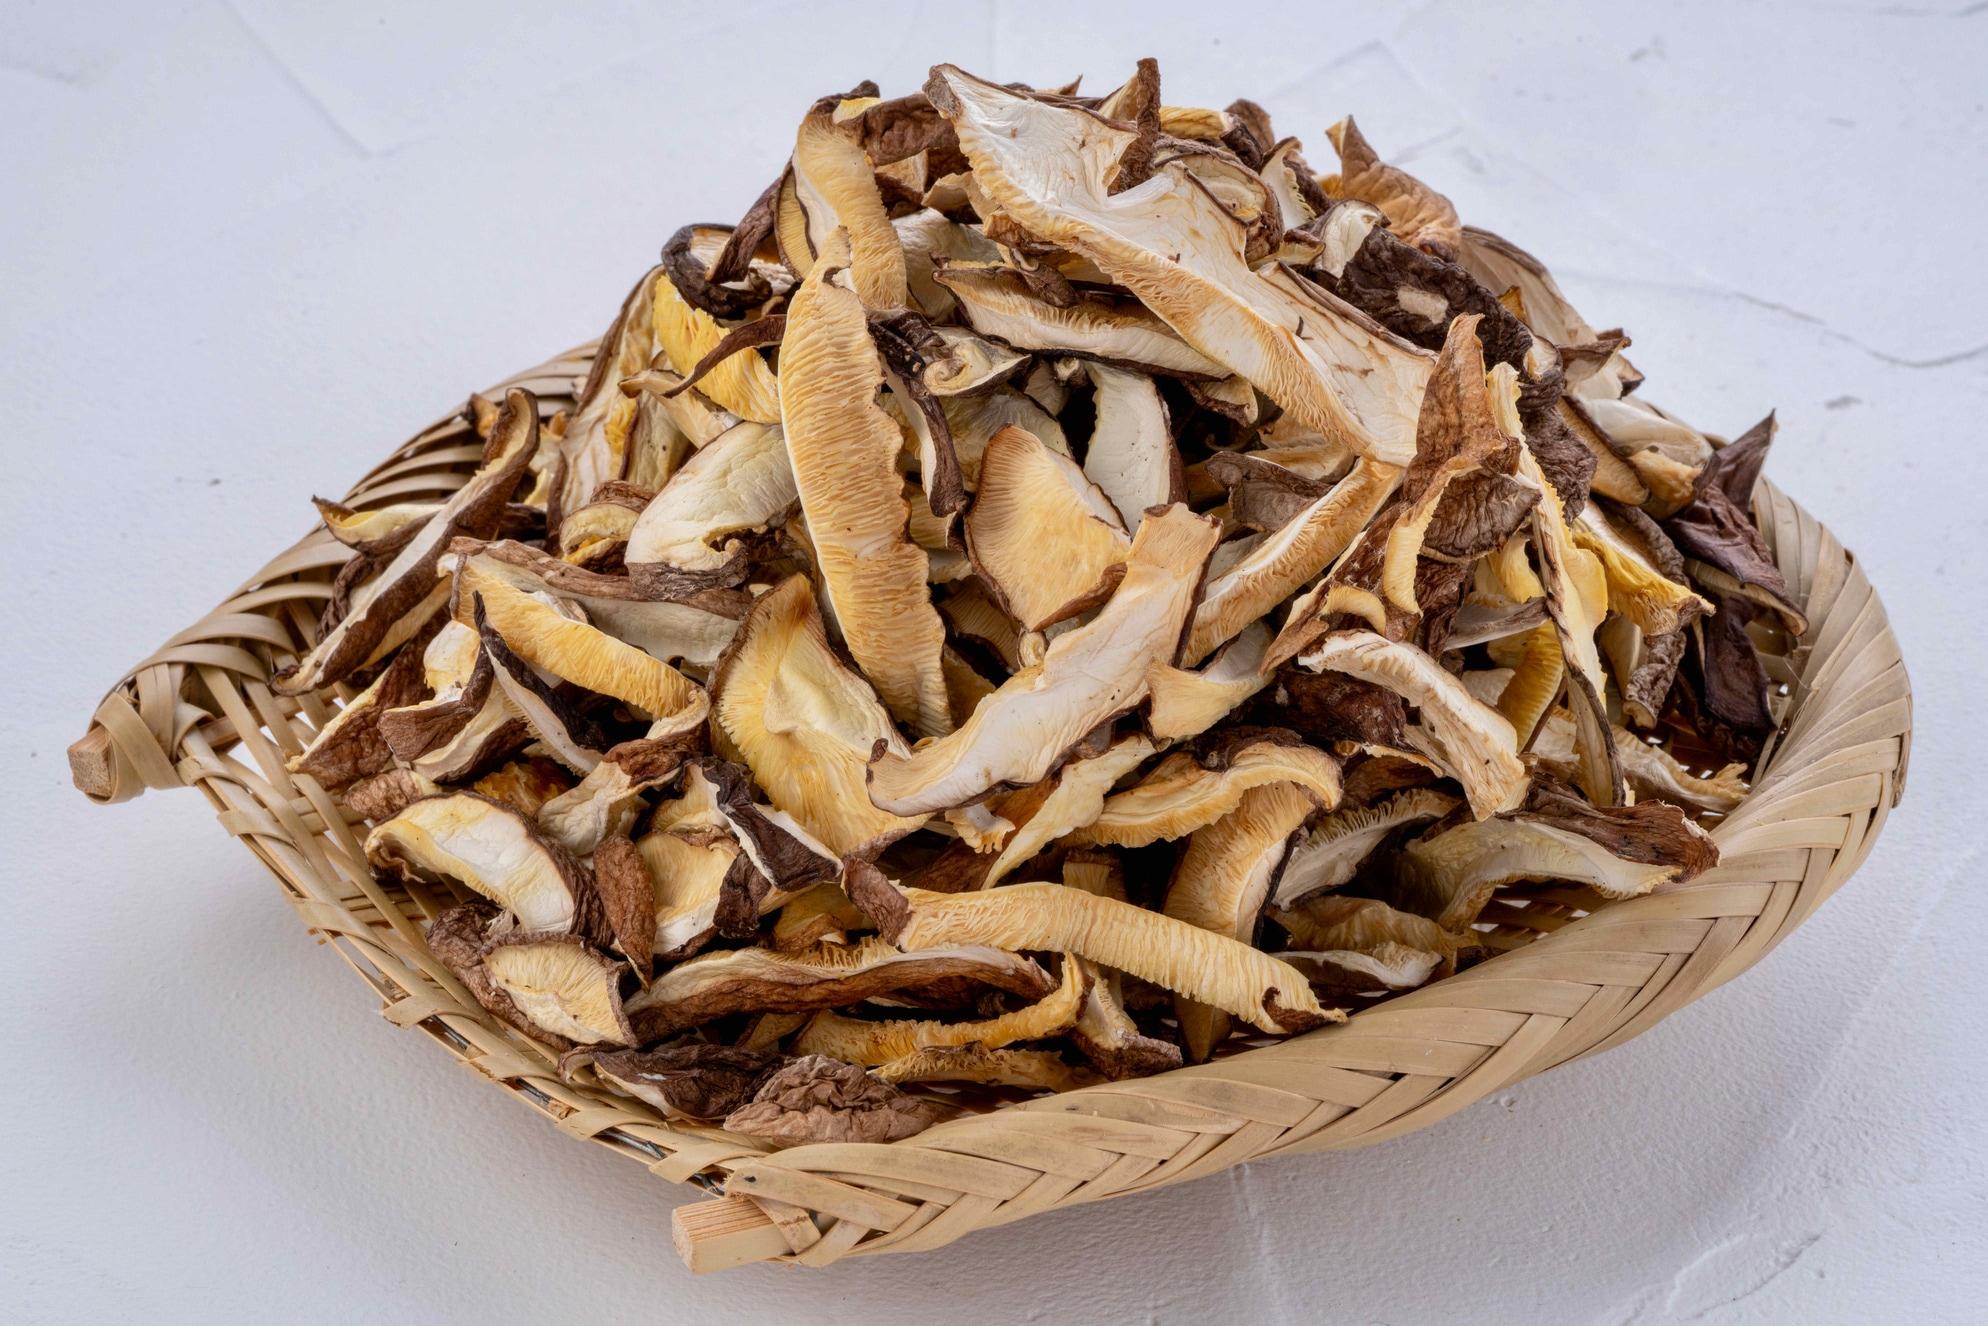 竹ざるに山盛りの原木栽培の乾燥椎茸スライス,北海道産のだし用乾燥シイタケ